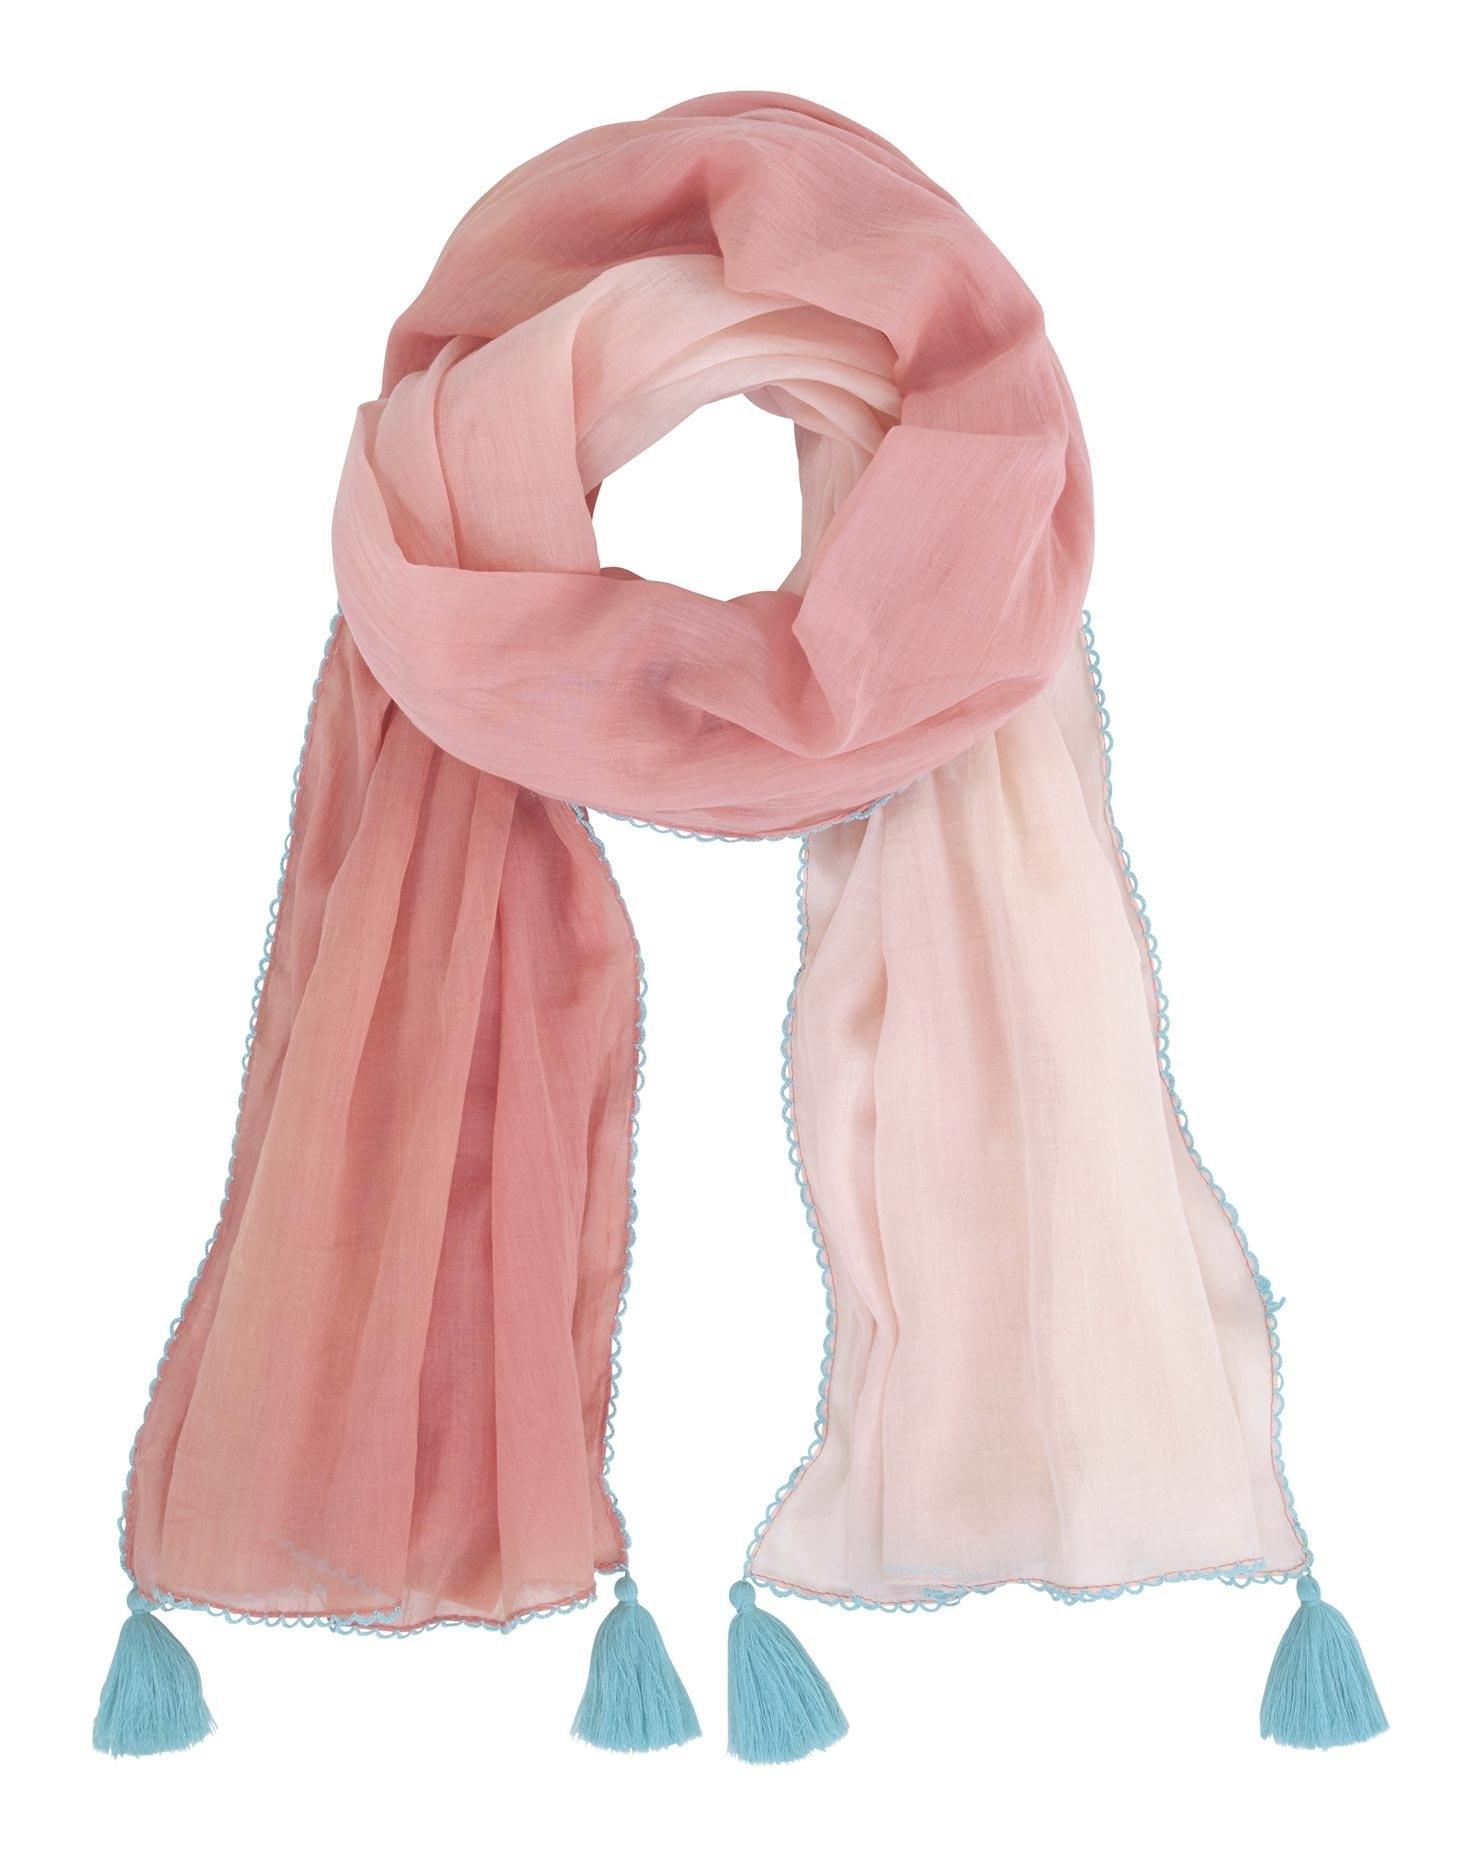 heine modieuze sjaal (1 stuk) voordelig en veilig online kopen